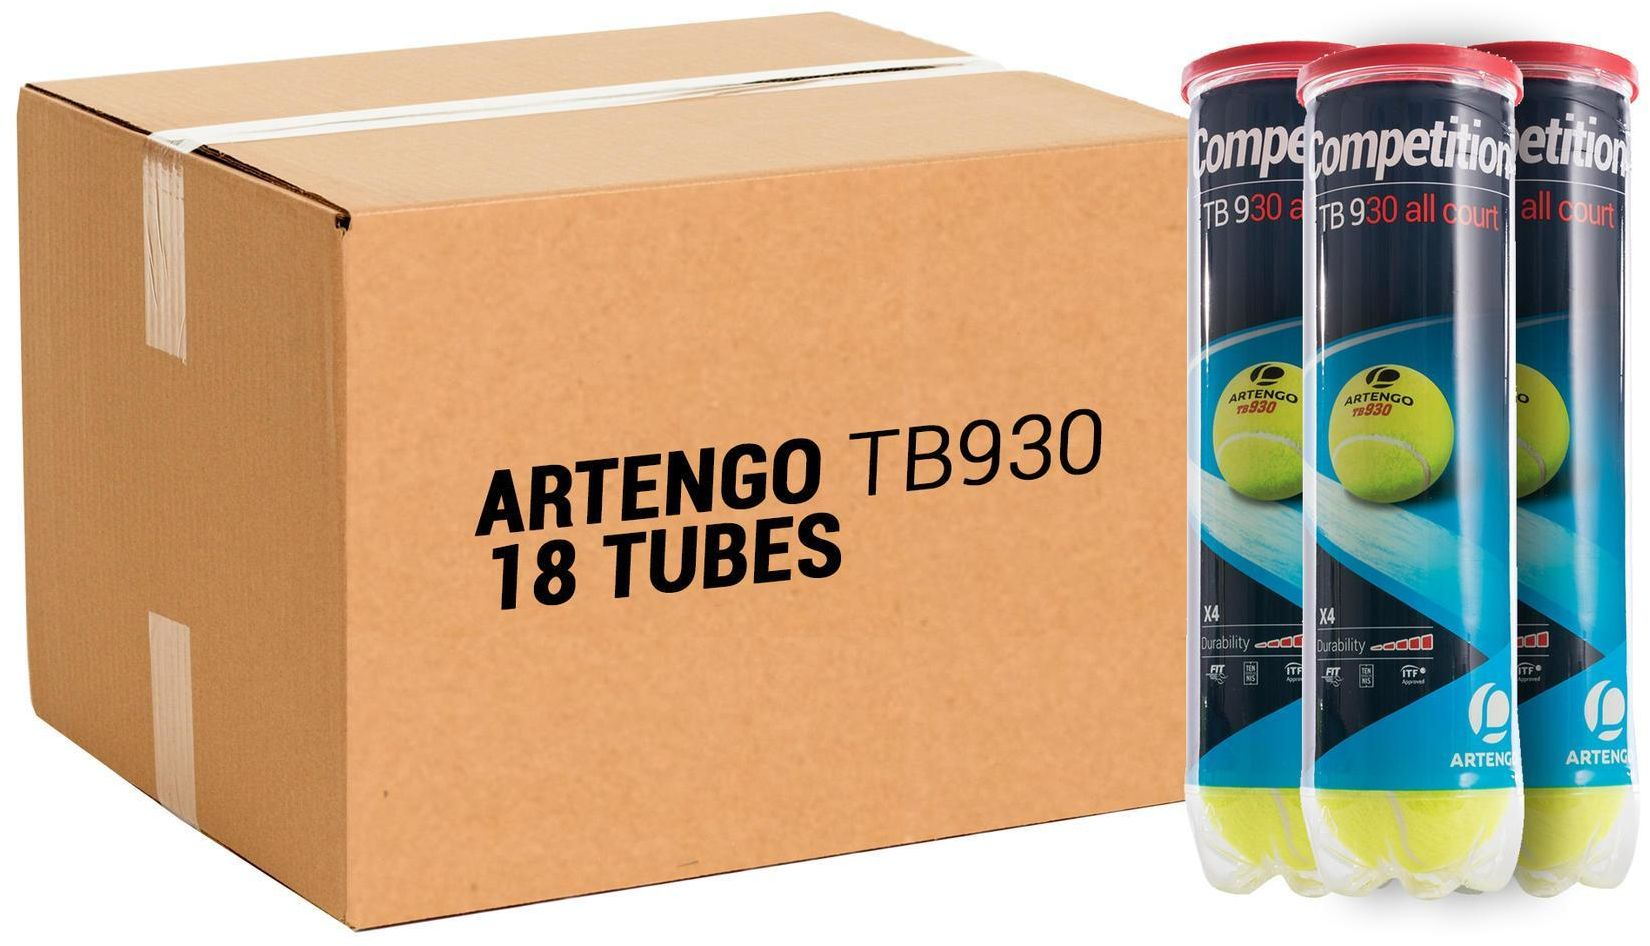 Piłka tenisowa Artengo TB930 18 puszek po 4 piłki